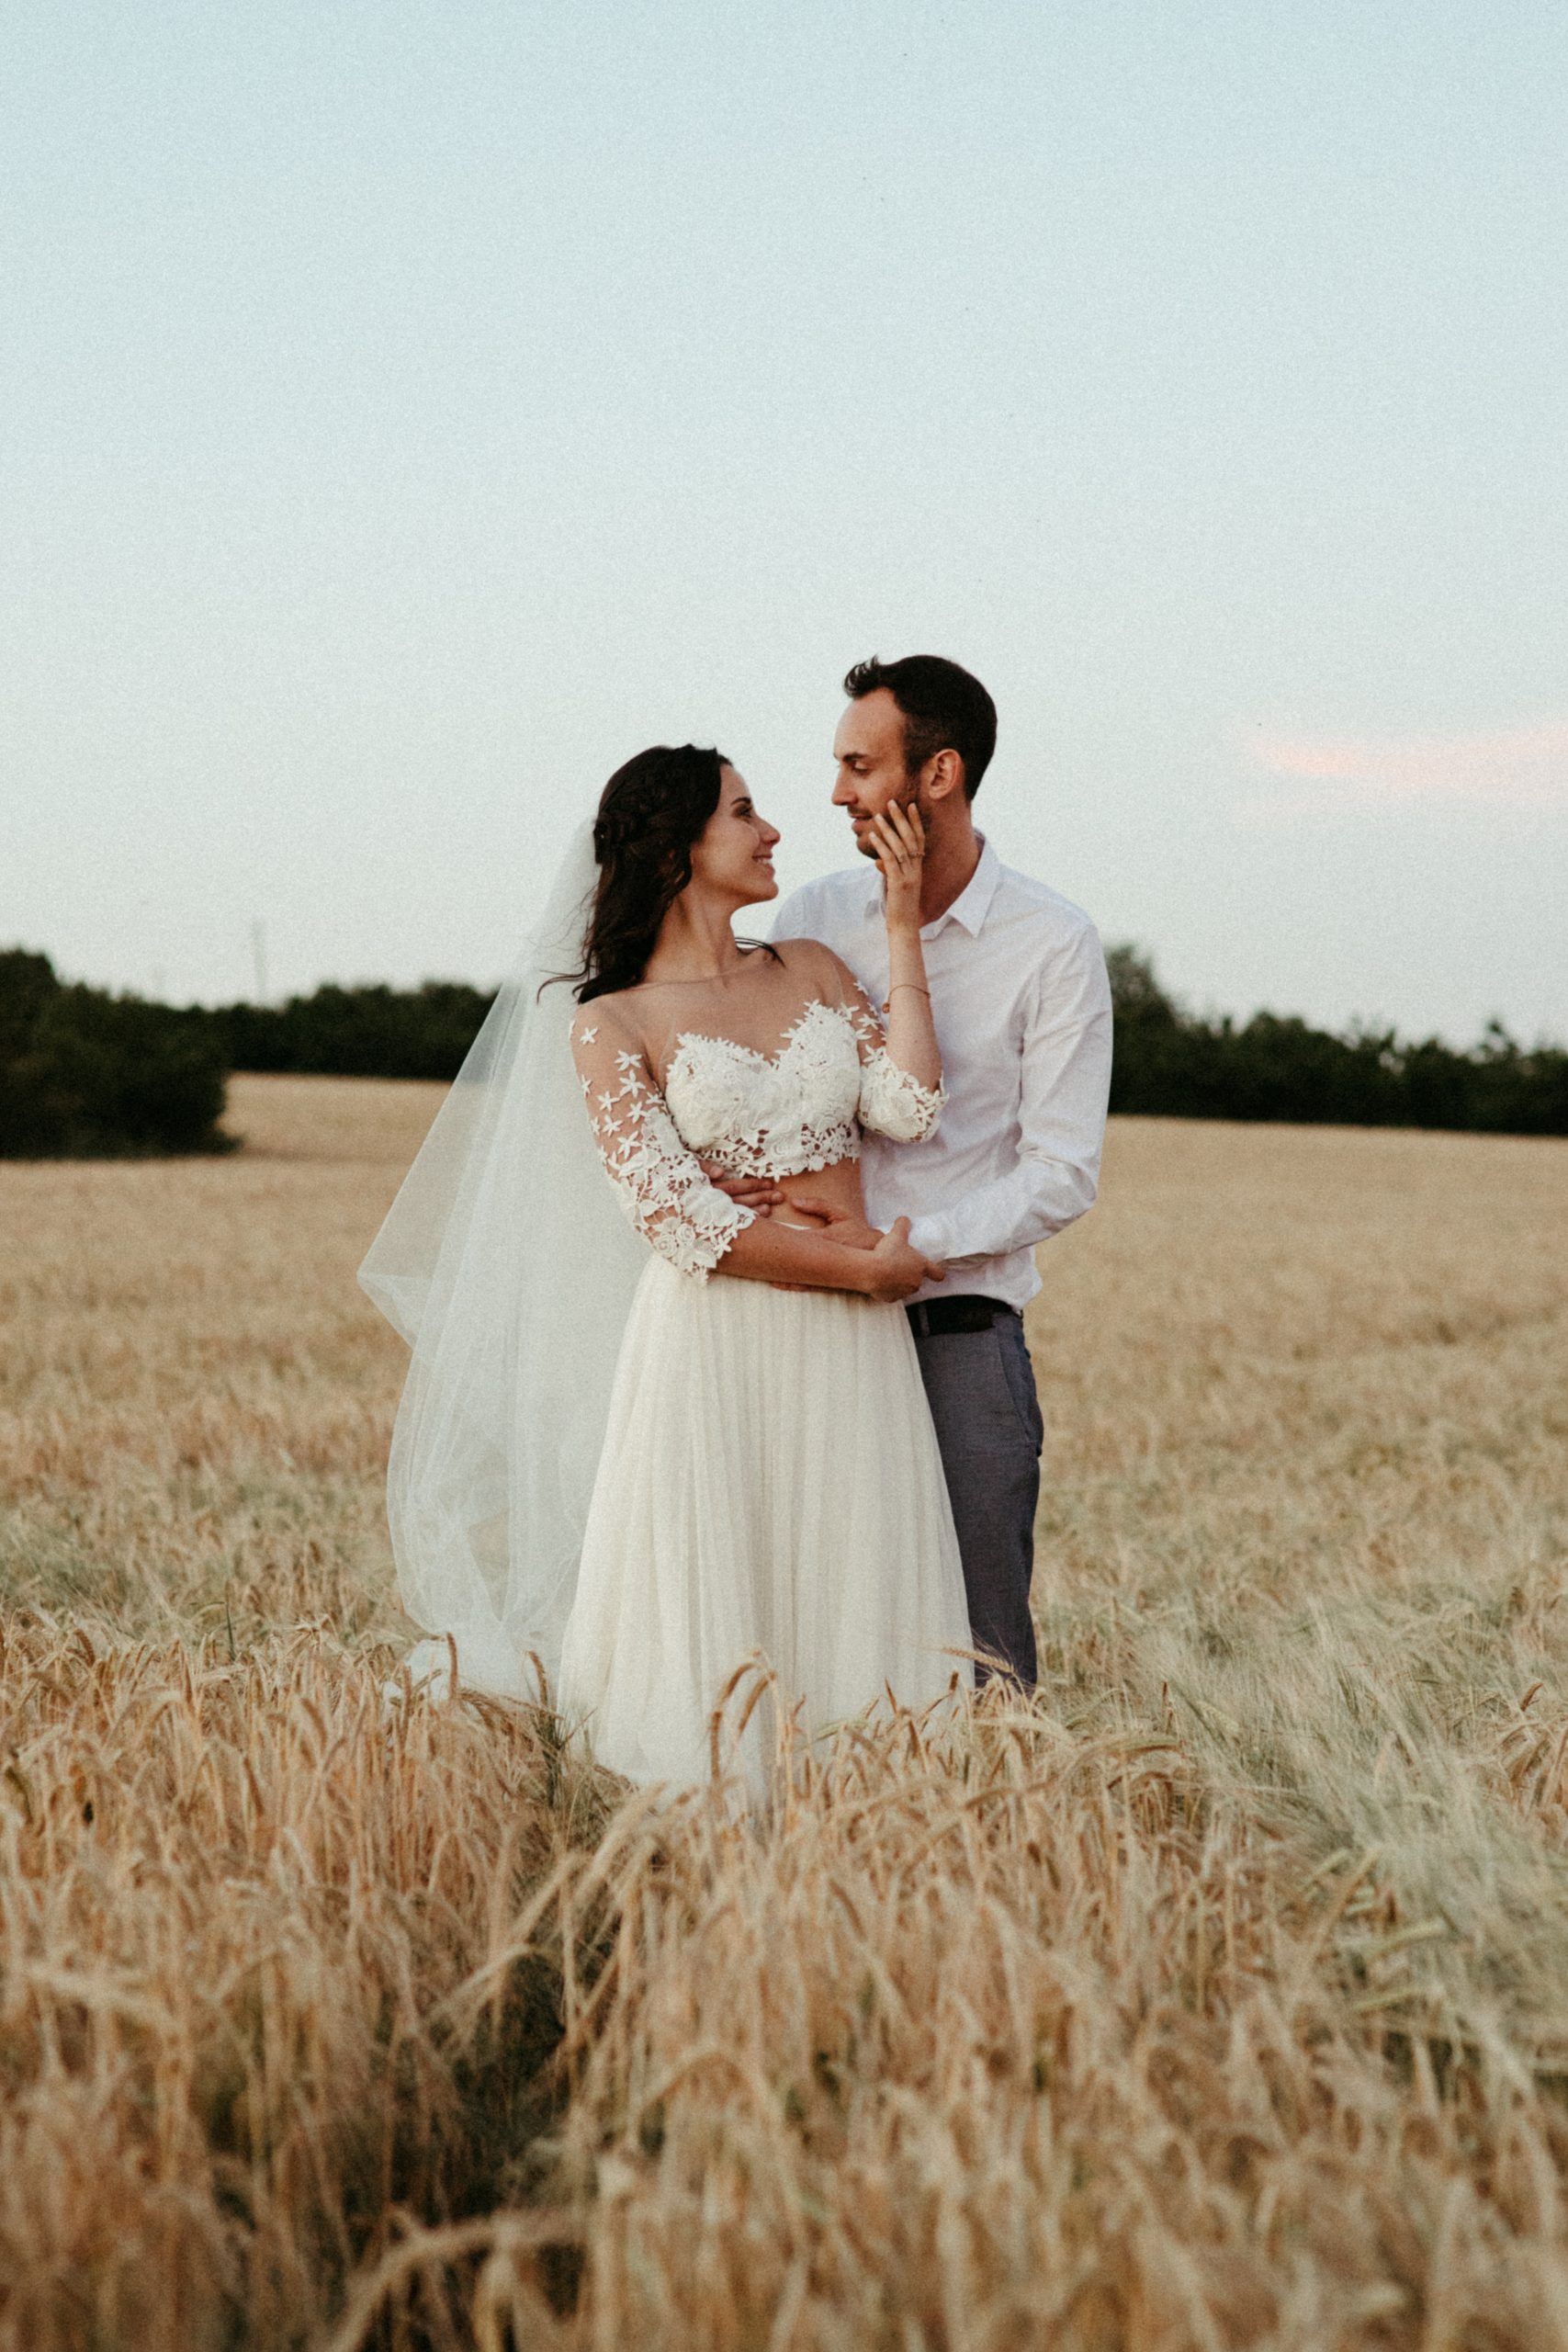 UtopicLovers film photo Mariage Elopement 2019 23 1 scaled - Une fugue amoureuse dans les champs de blé à 1h de Lyon.